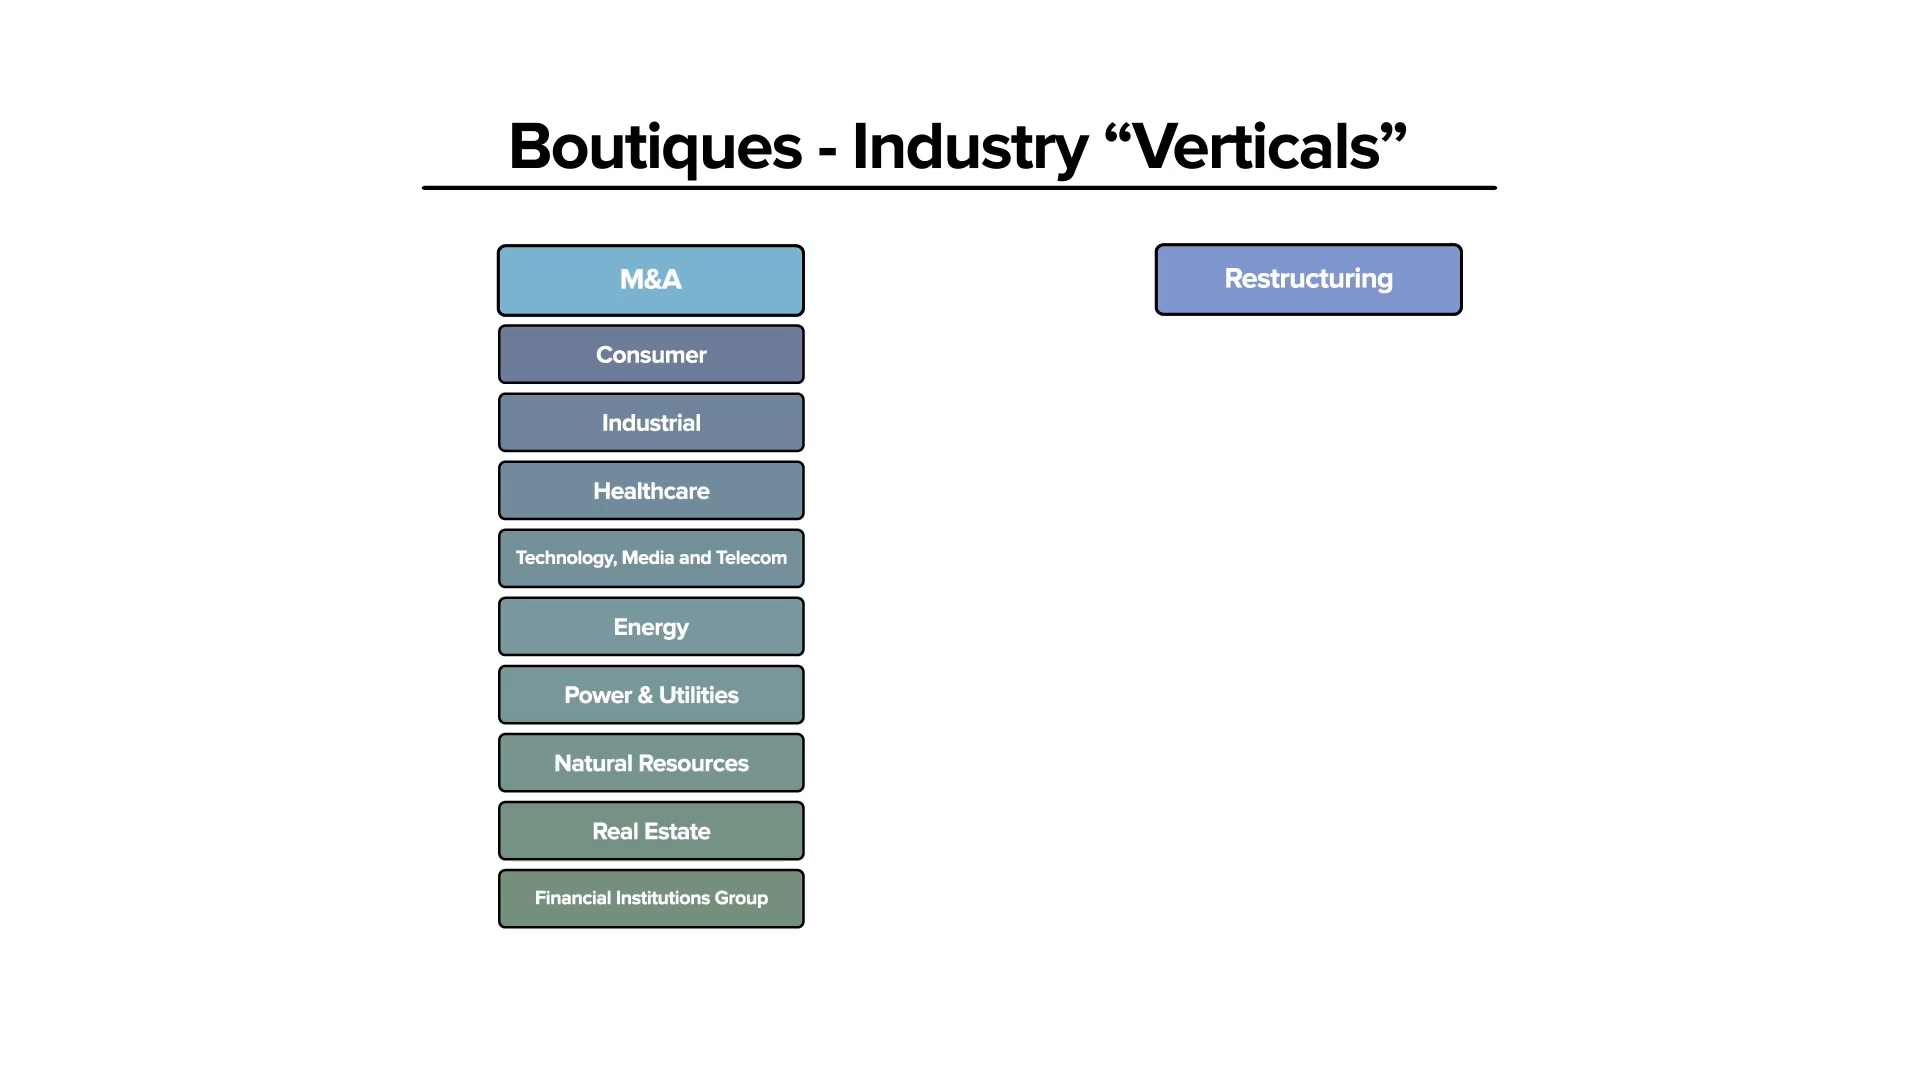 Boutique Banks industry verticals